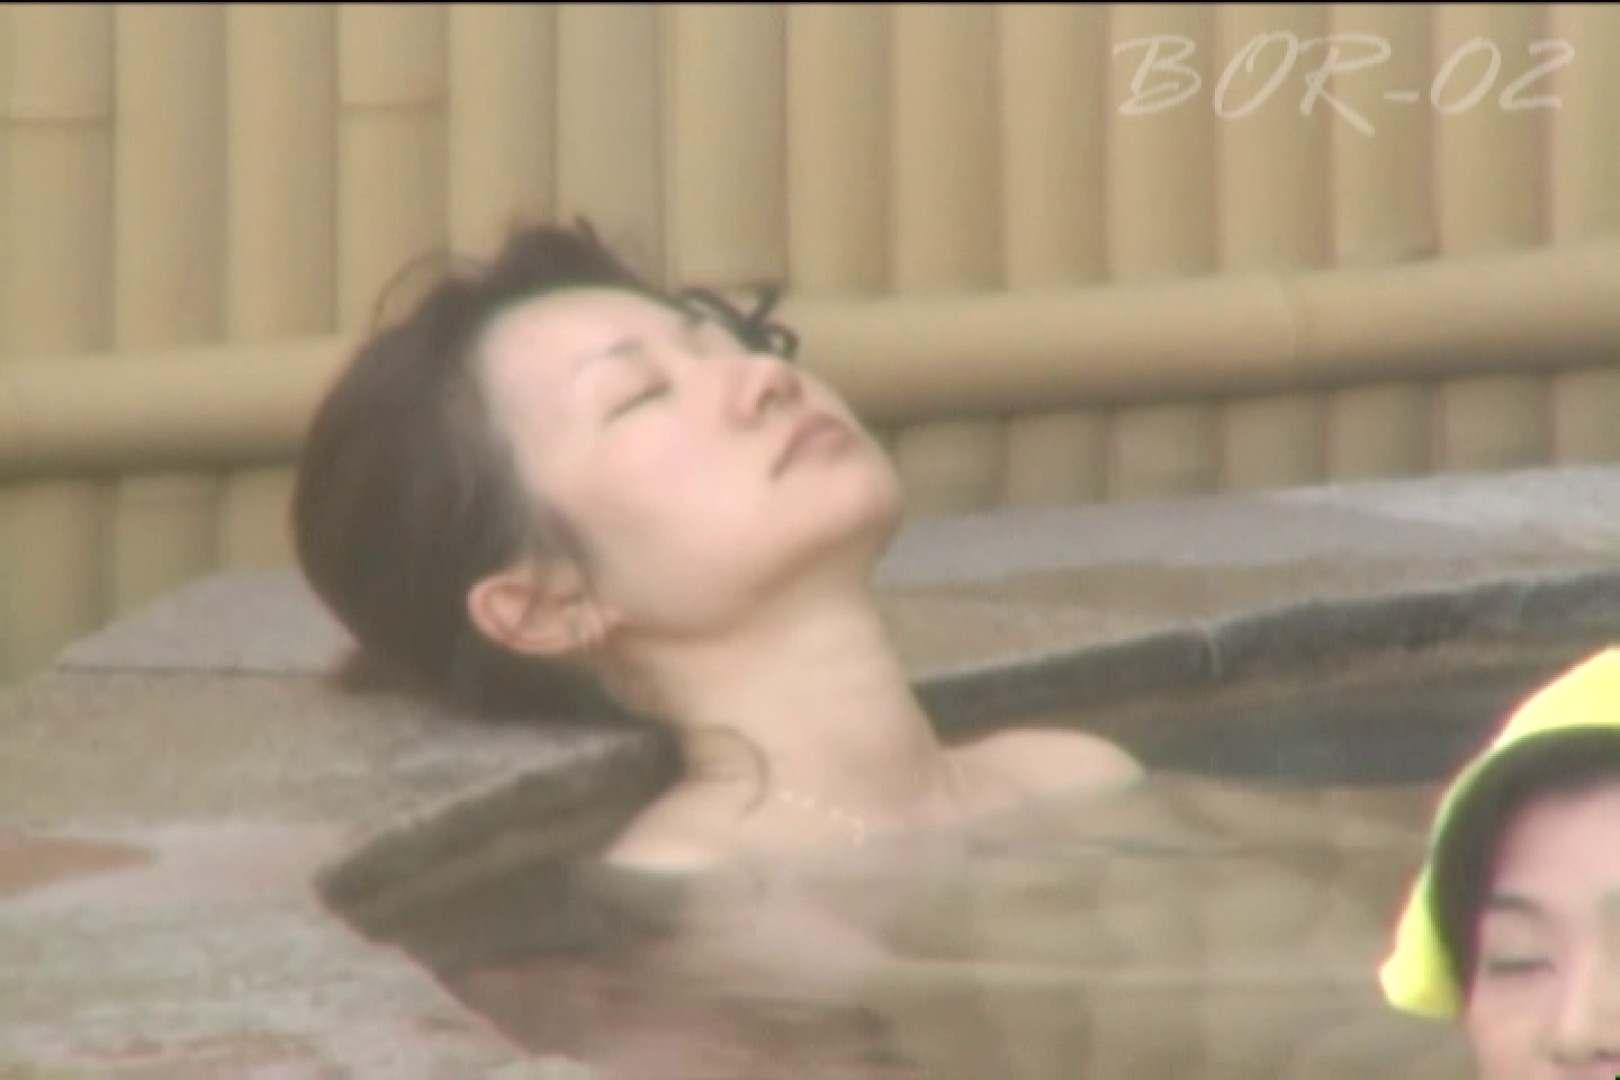 Aquaな露天風呂Vol.477 美しいOLの裸体   盗撮師作品  90pic 37